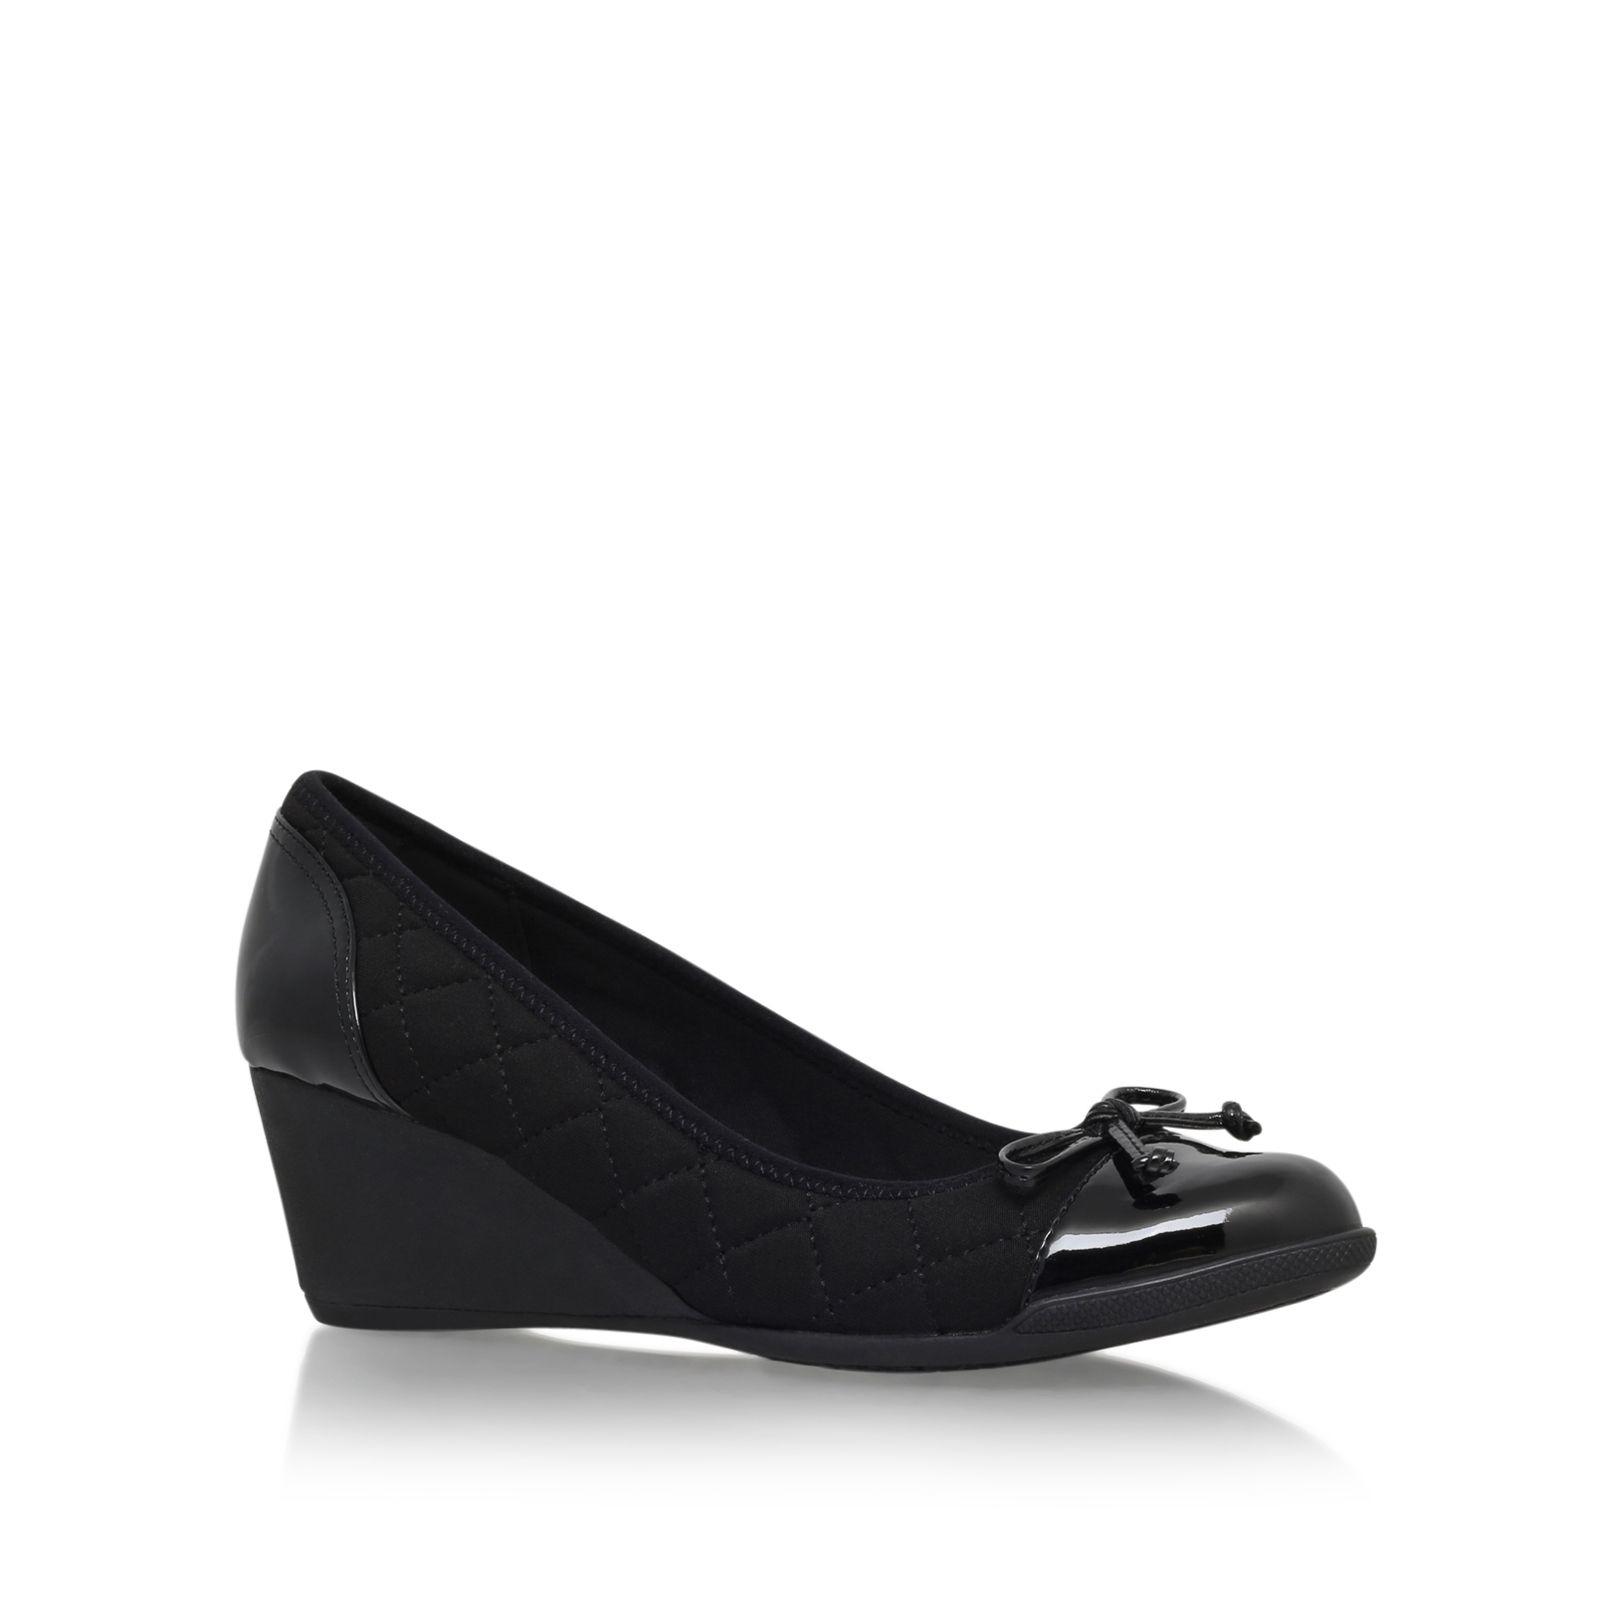 Black Low Wedge Heels